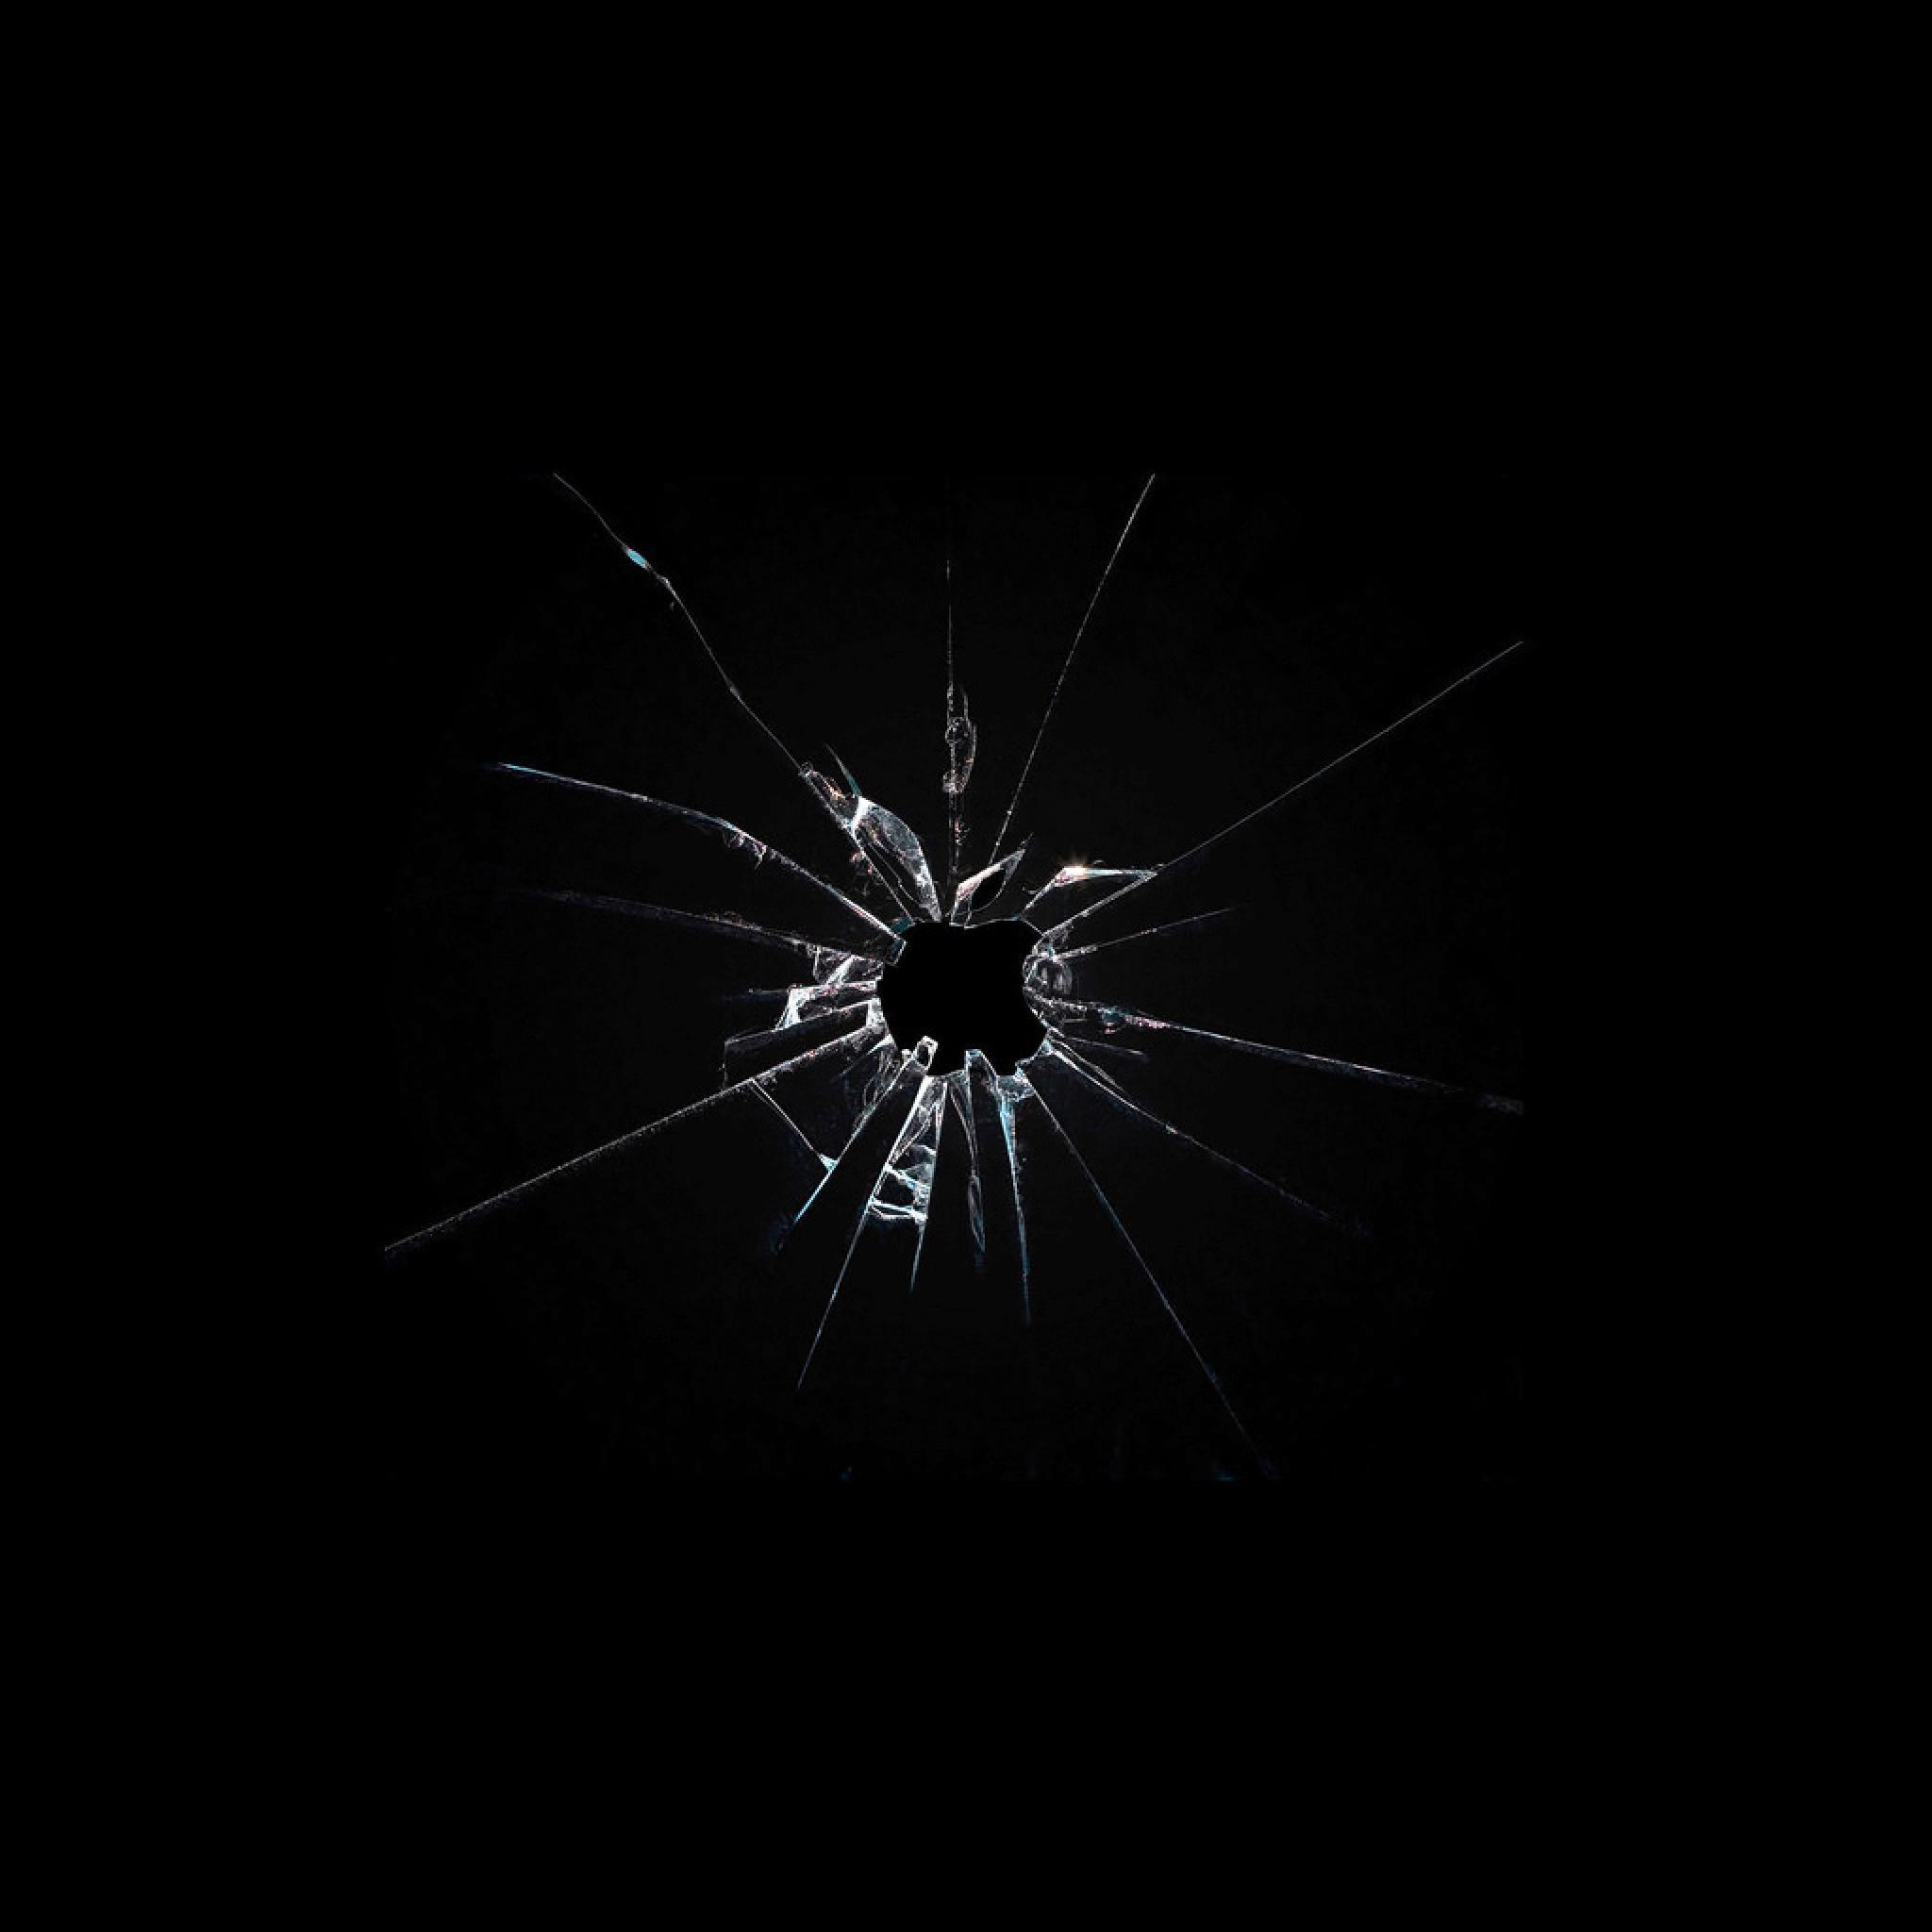 Iphone Broken Screen Wallpaper Hd Computers Apple Broken Glass Wallpaper Hd Ipad Iphone